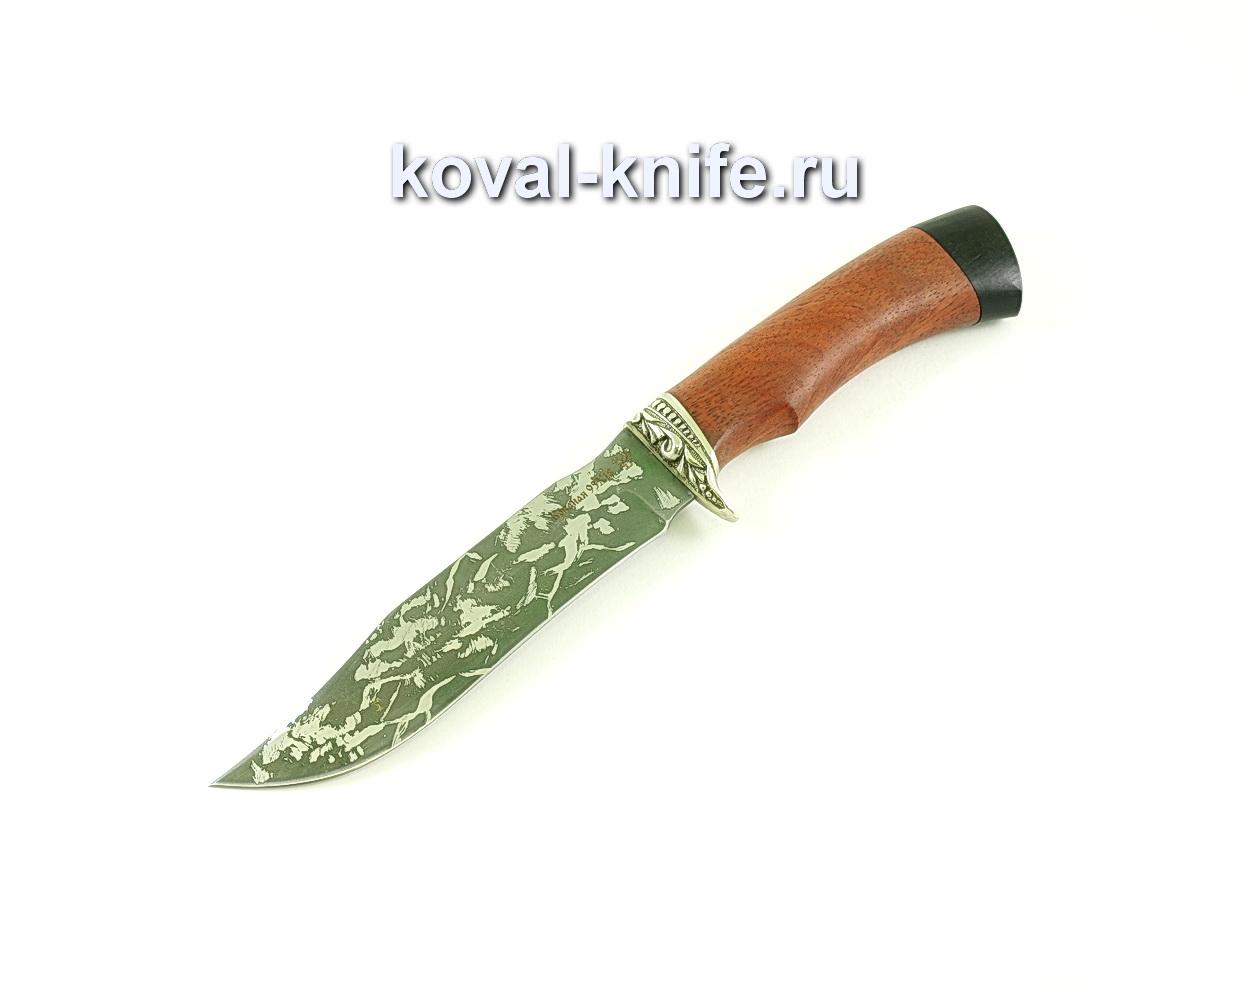 Нож Викинг (сталь 95х18), рукоять бубинга, граб A279